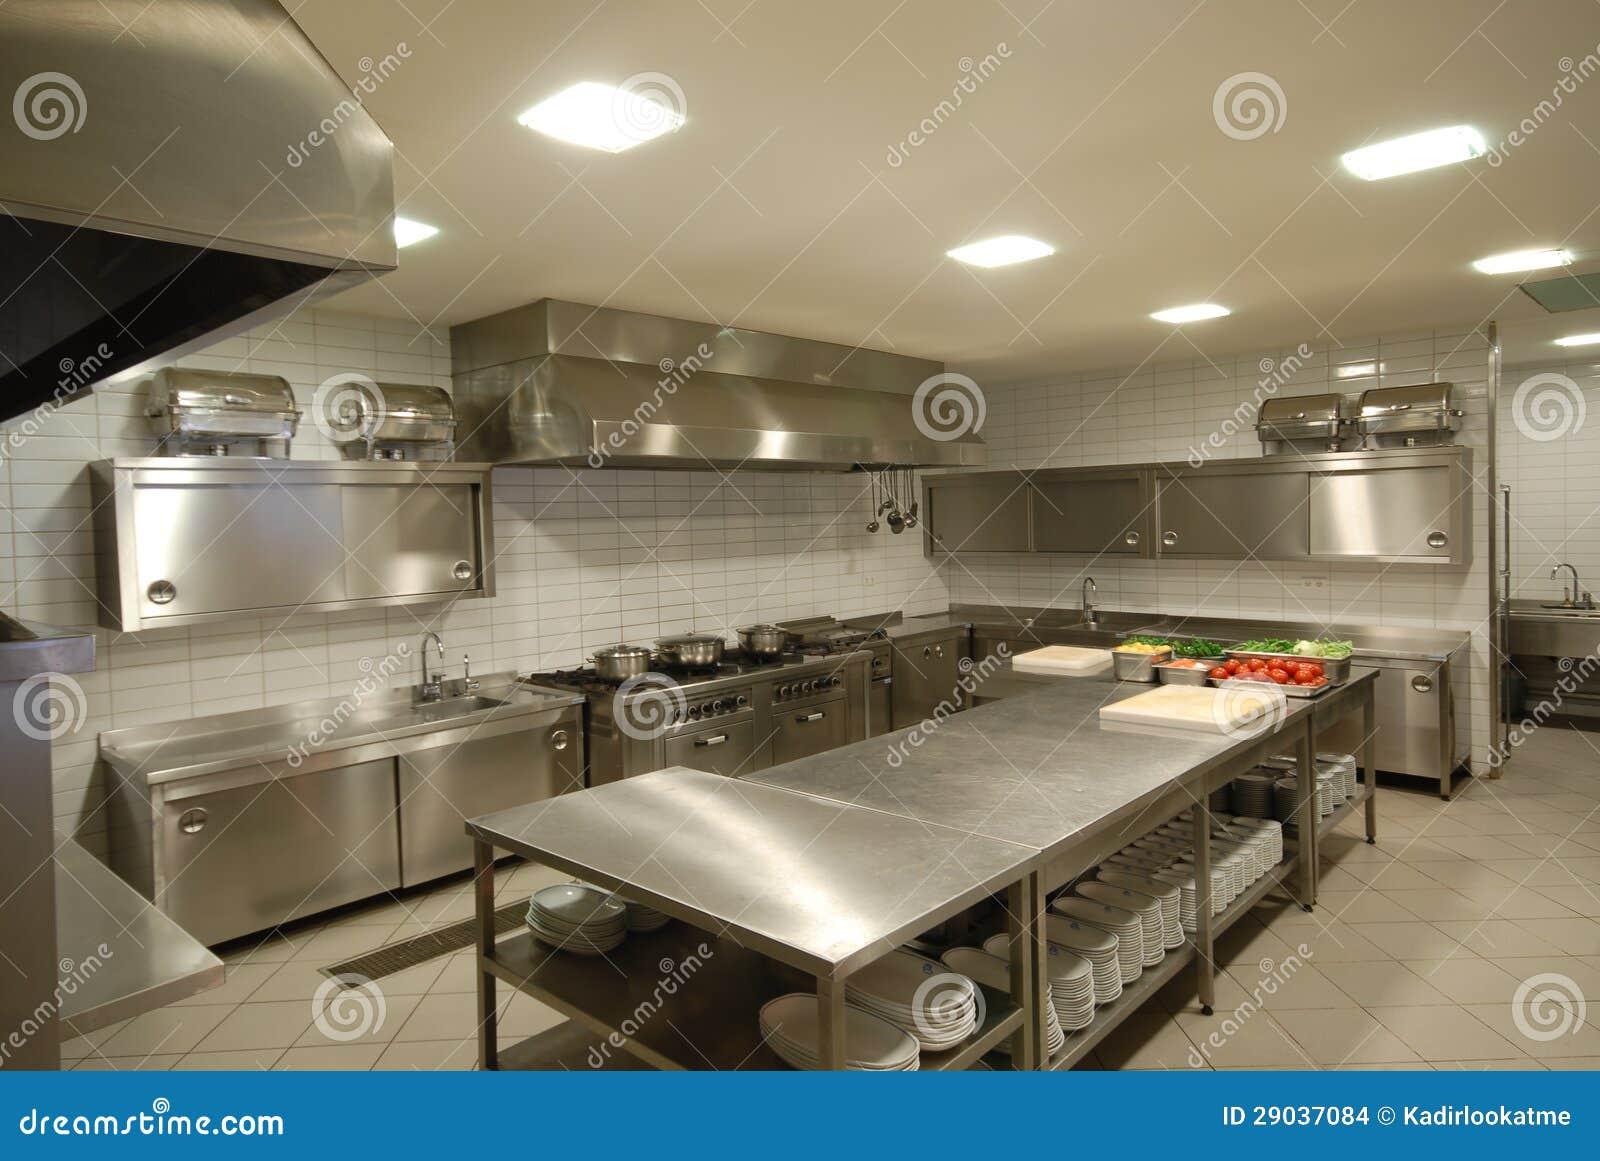 cuisine moderne dans le restaurant images stock image 29037084. Black Bedroom Furniture Sets. Home Design Ideas